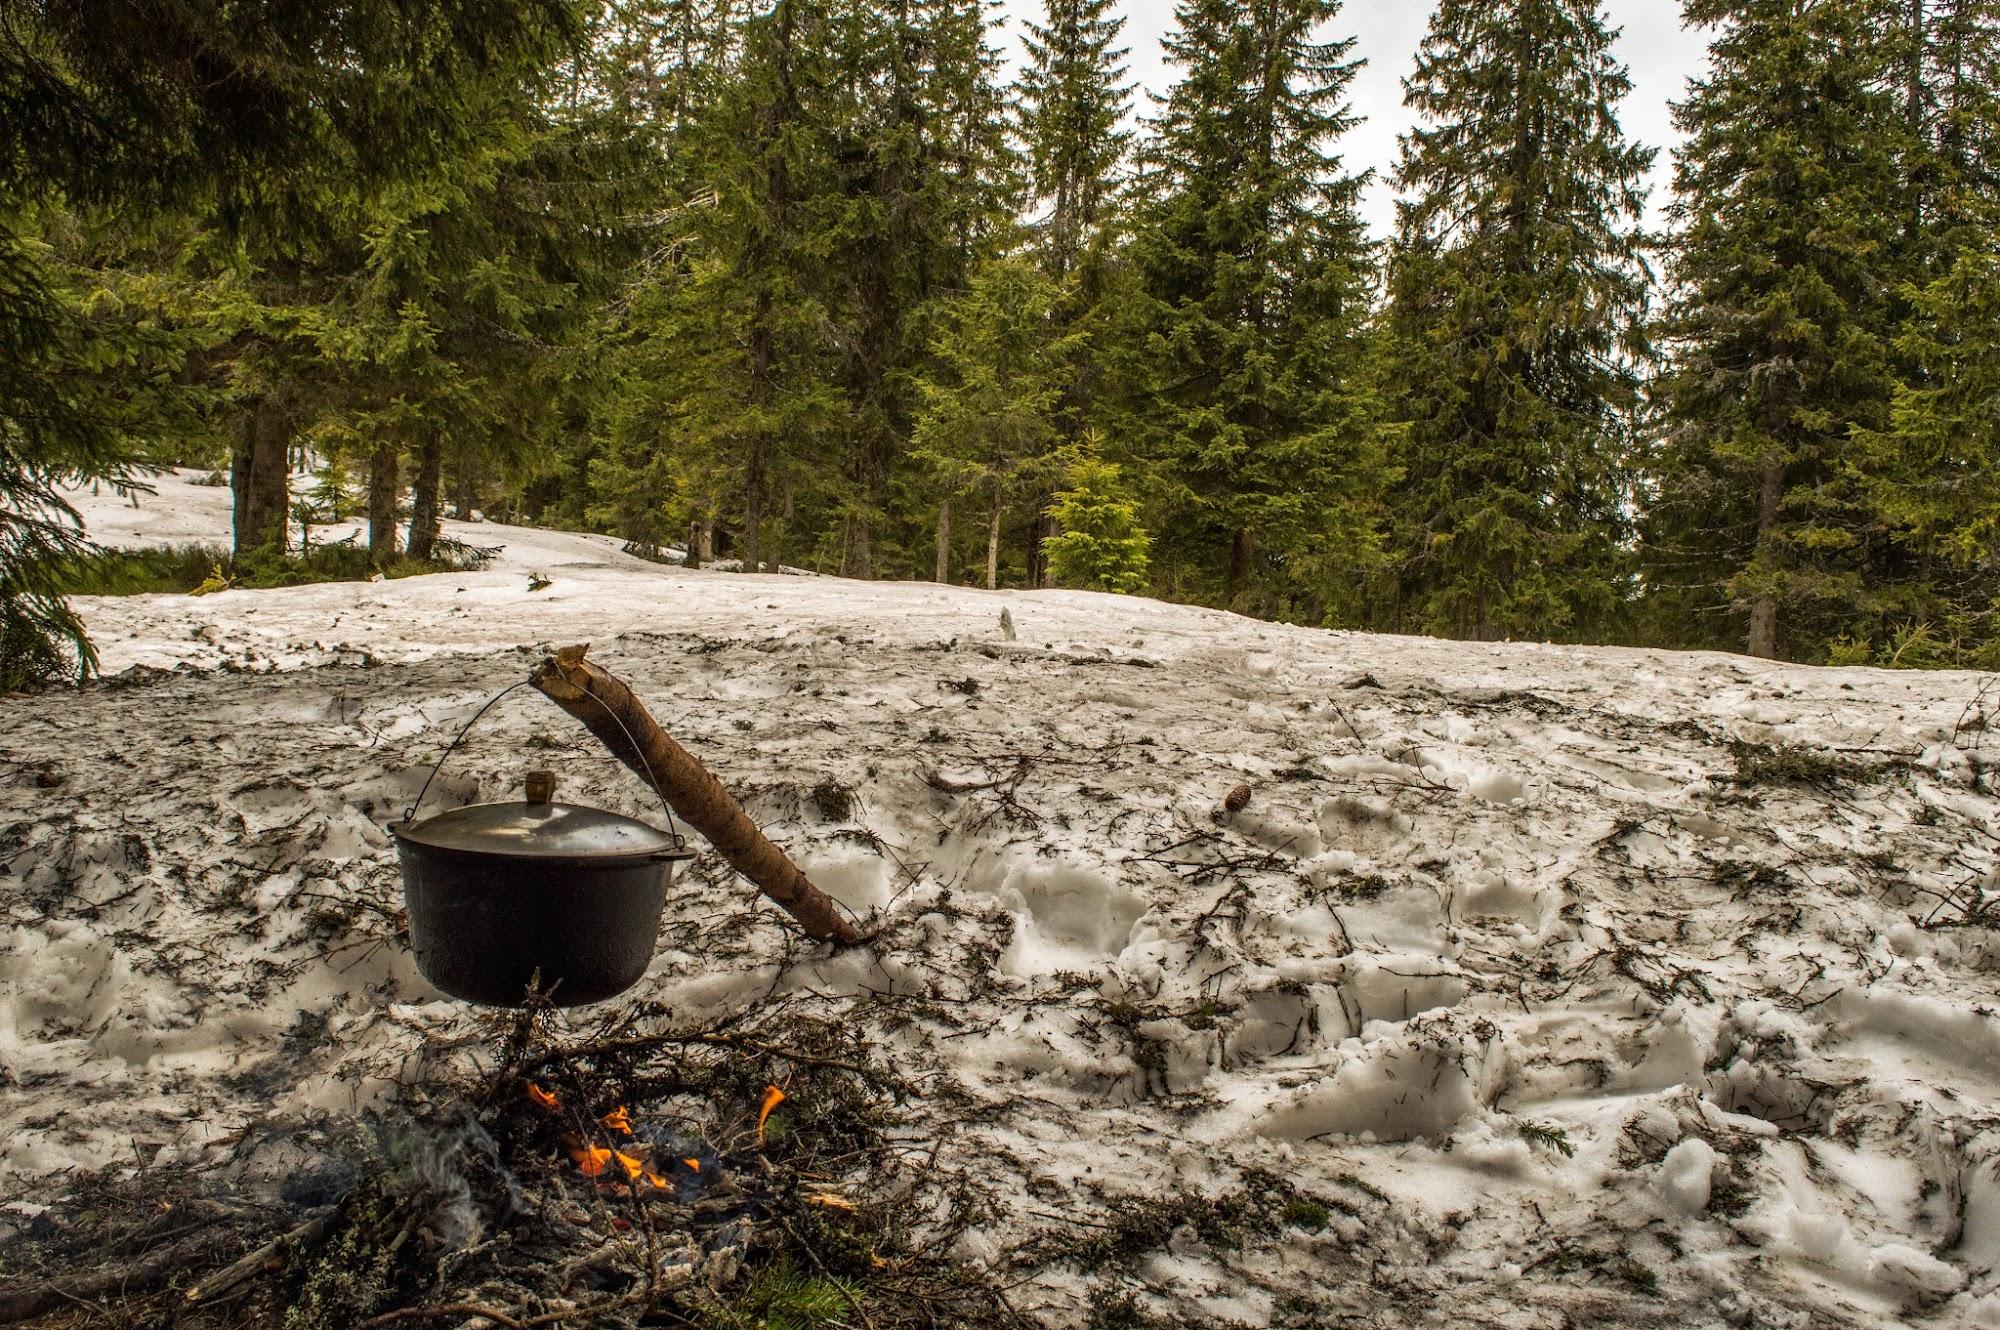 Сідло між Паренками та Попадею, сніг, вода, вогонь